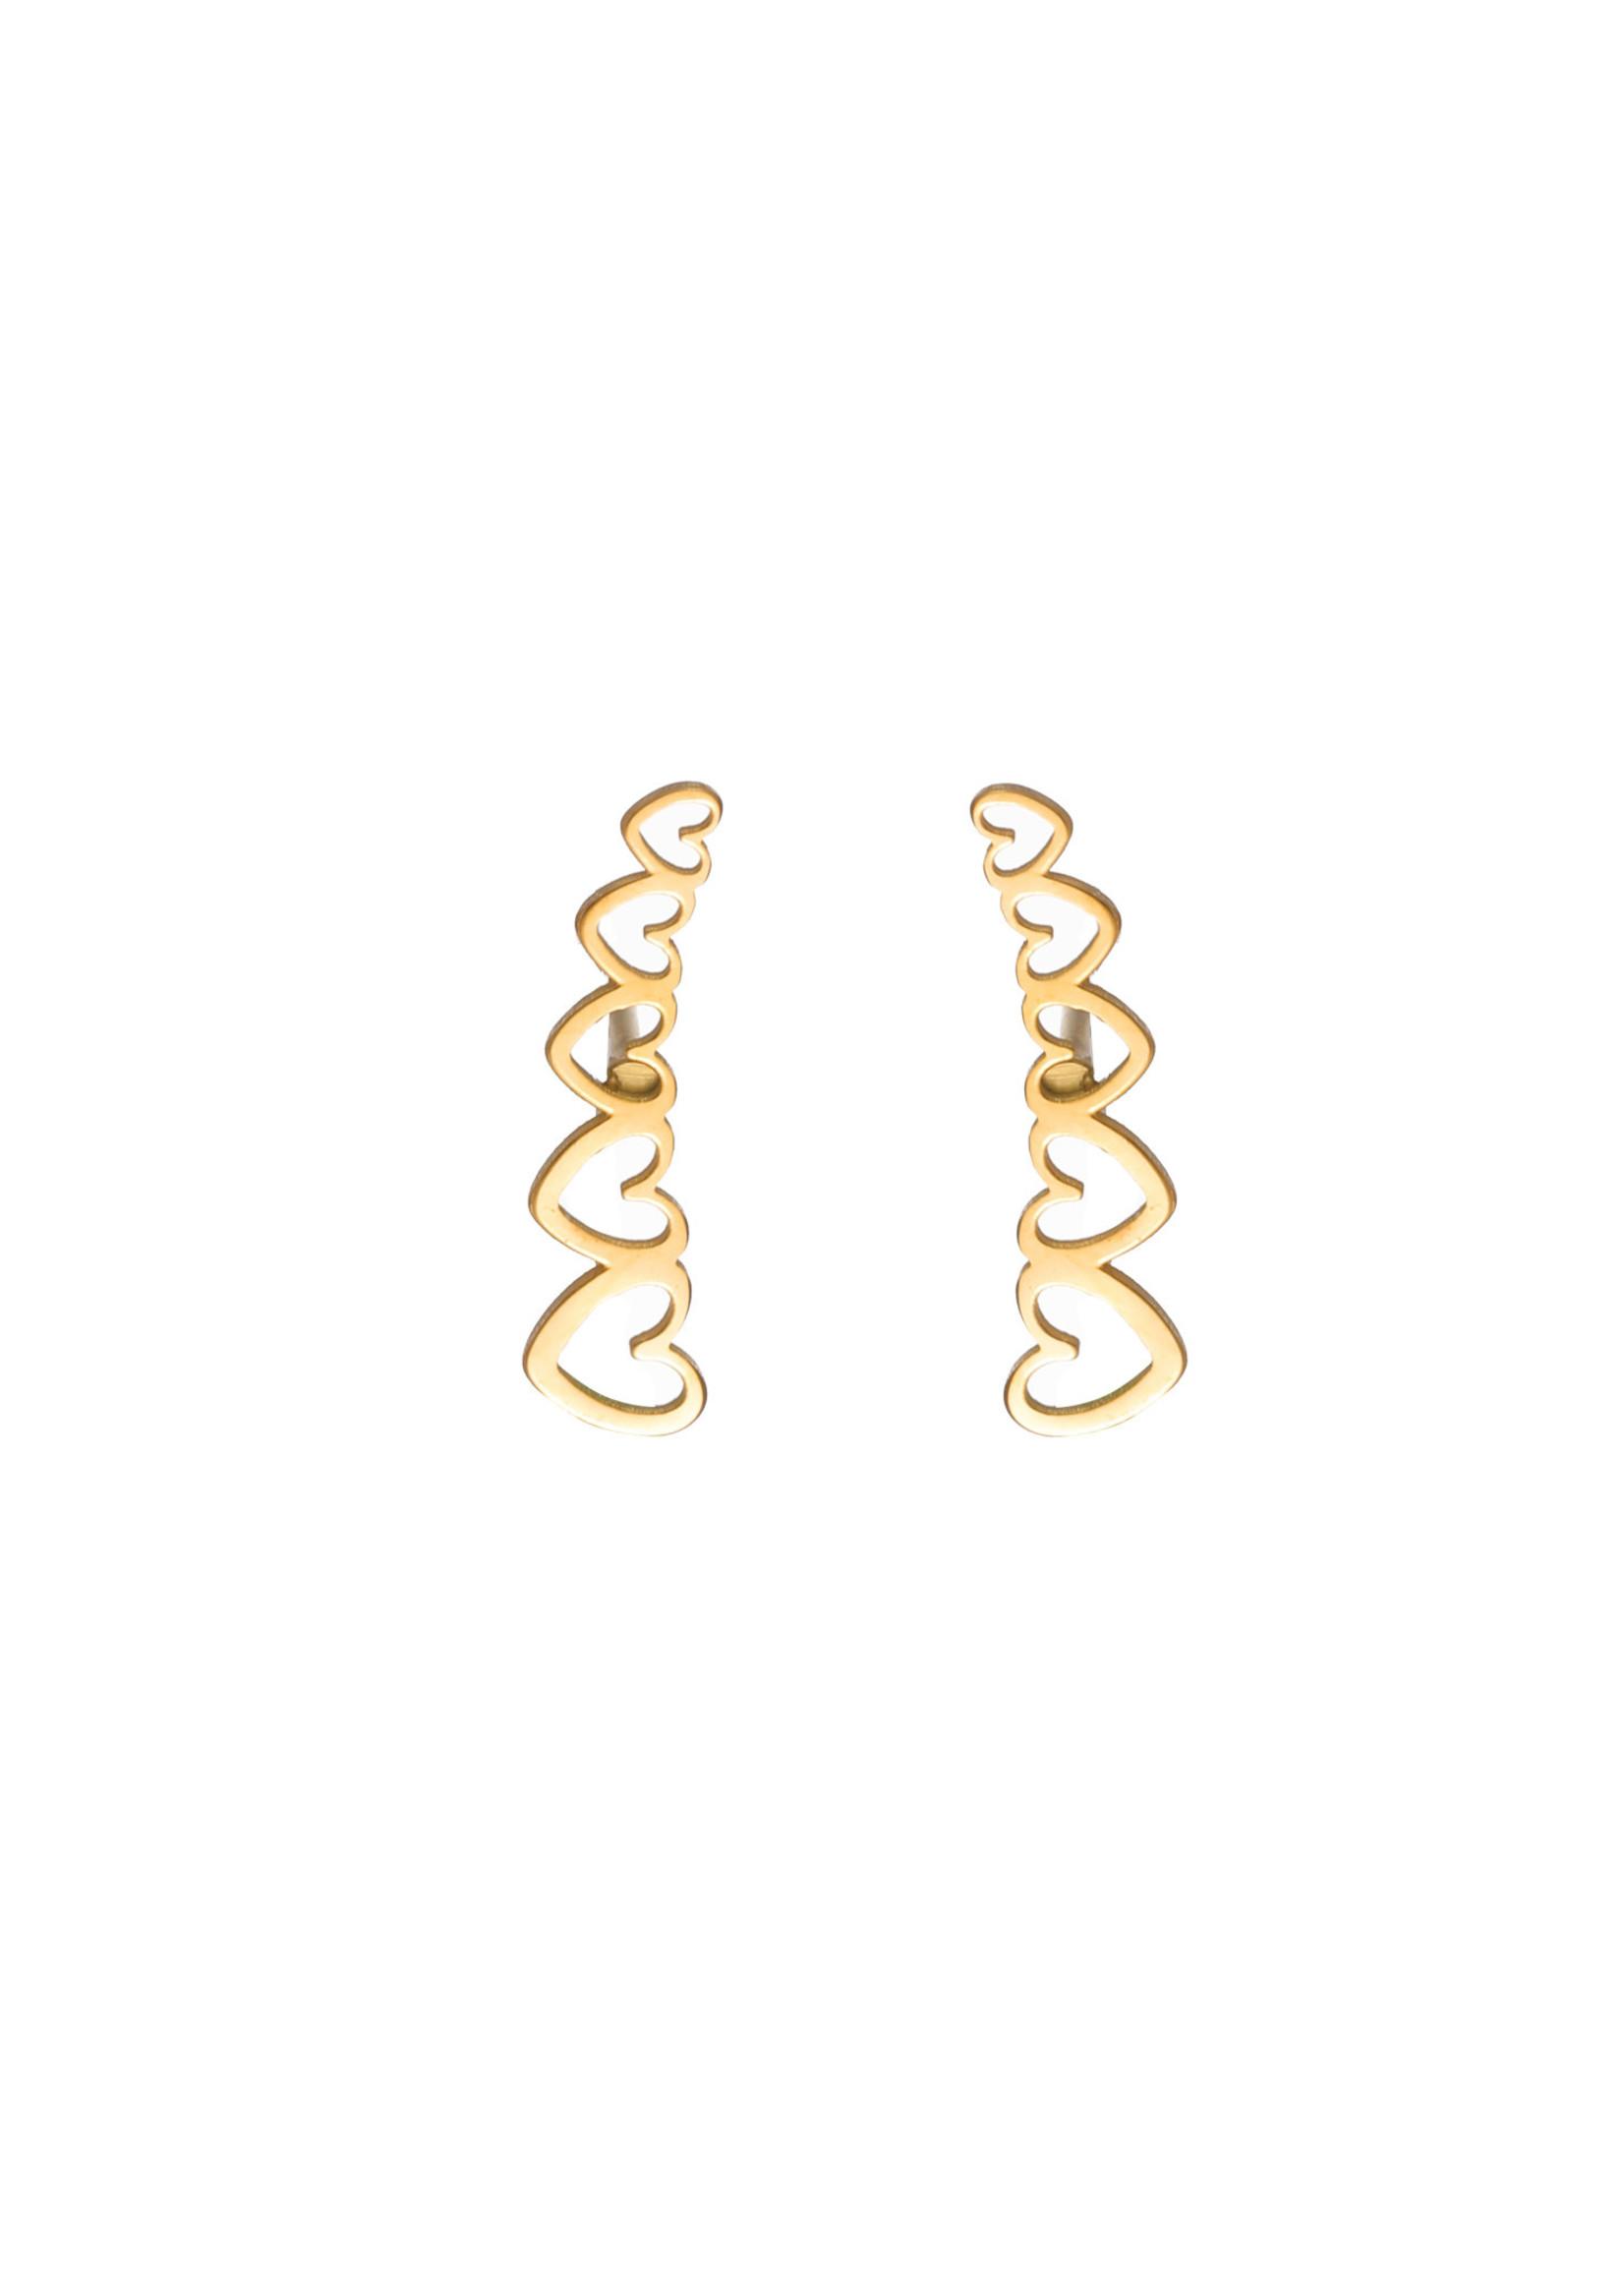 Oorbel goud hartjes E1777-2